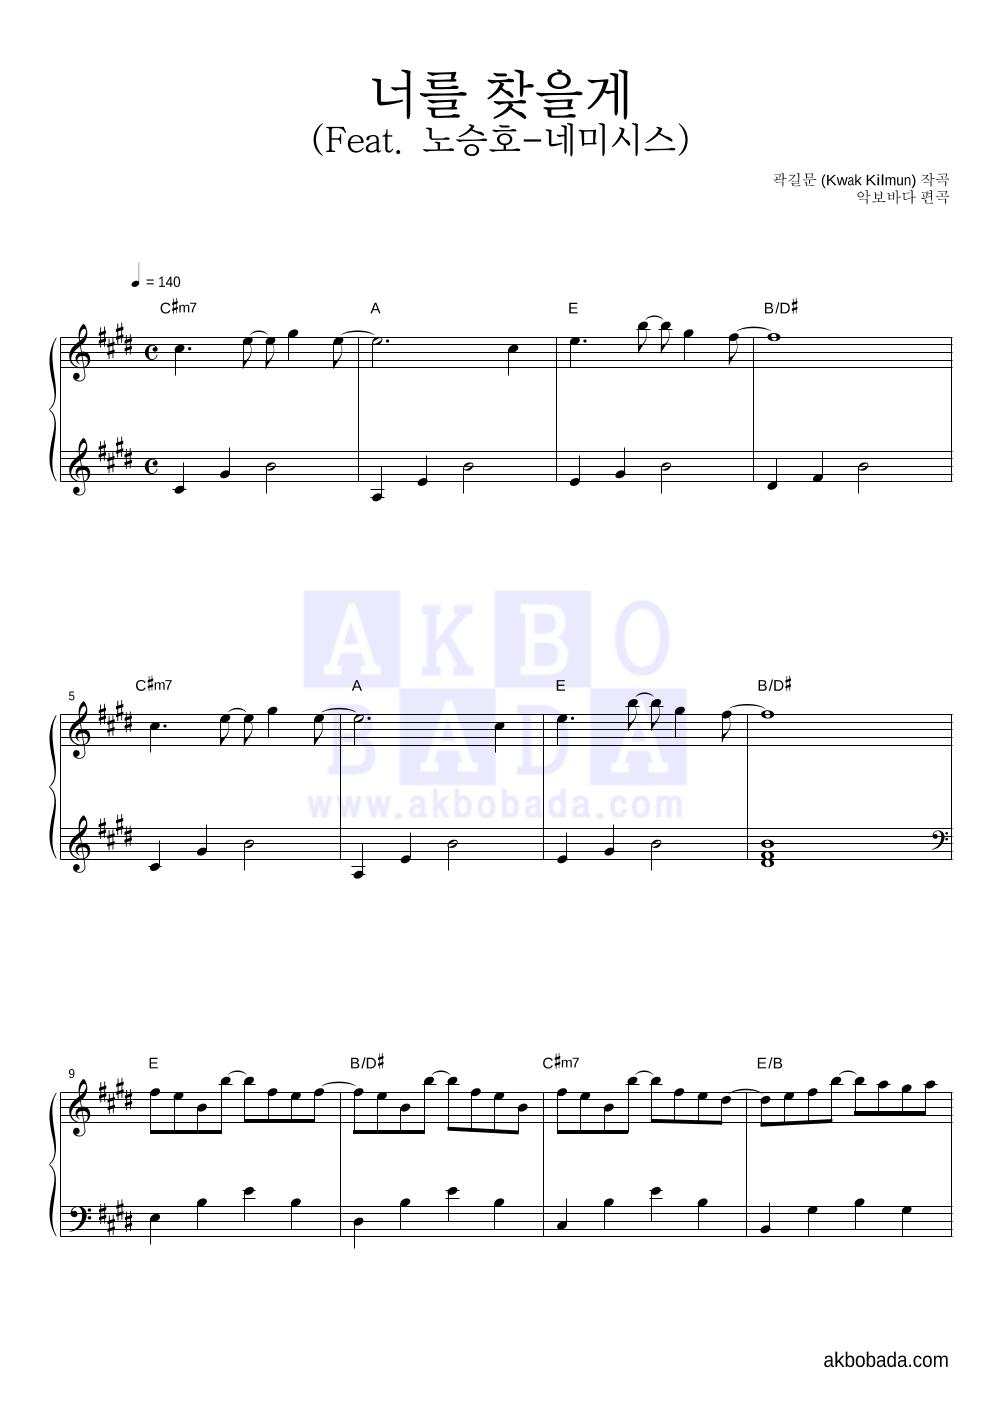 데브시스터즈 - 너를 찾을게 (Feat. 노승호-네미시스) 피아노 마스터 악보